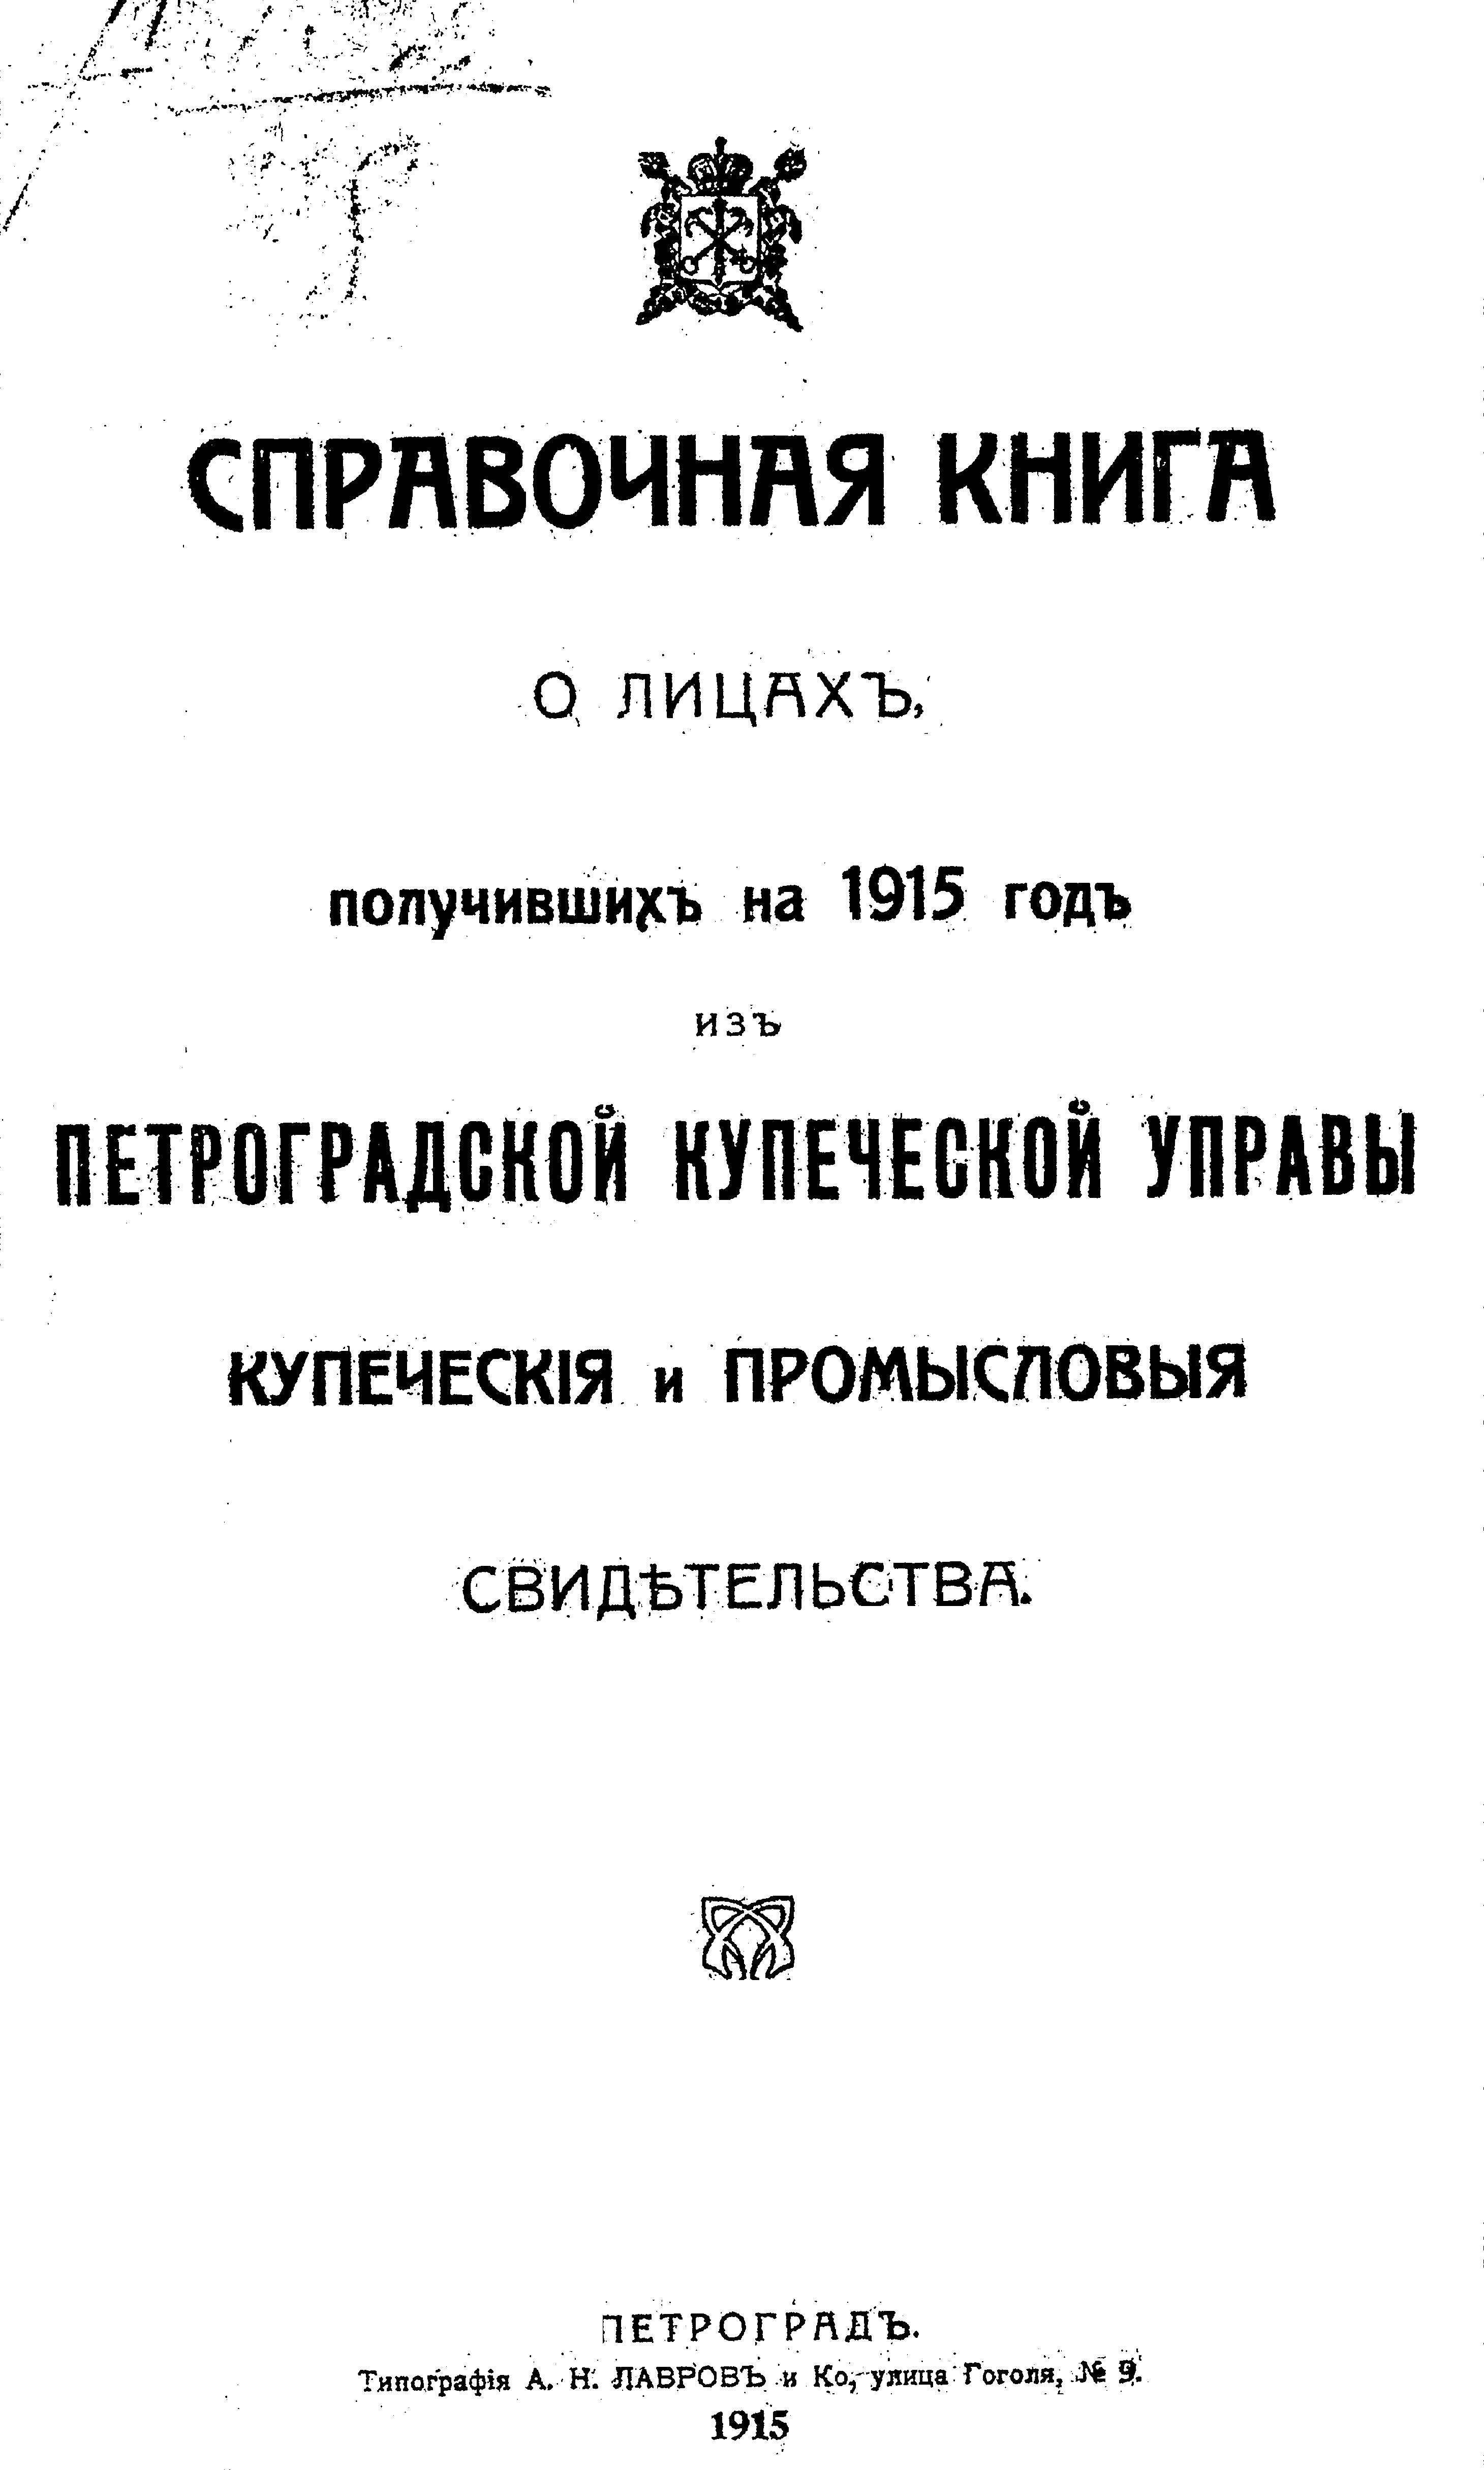 Коллектив авторов Справочная книга о купцах С.-Петербурга на 1915 год цена